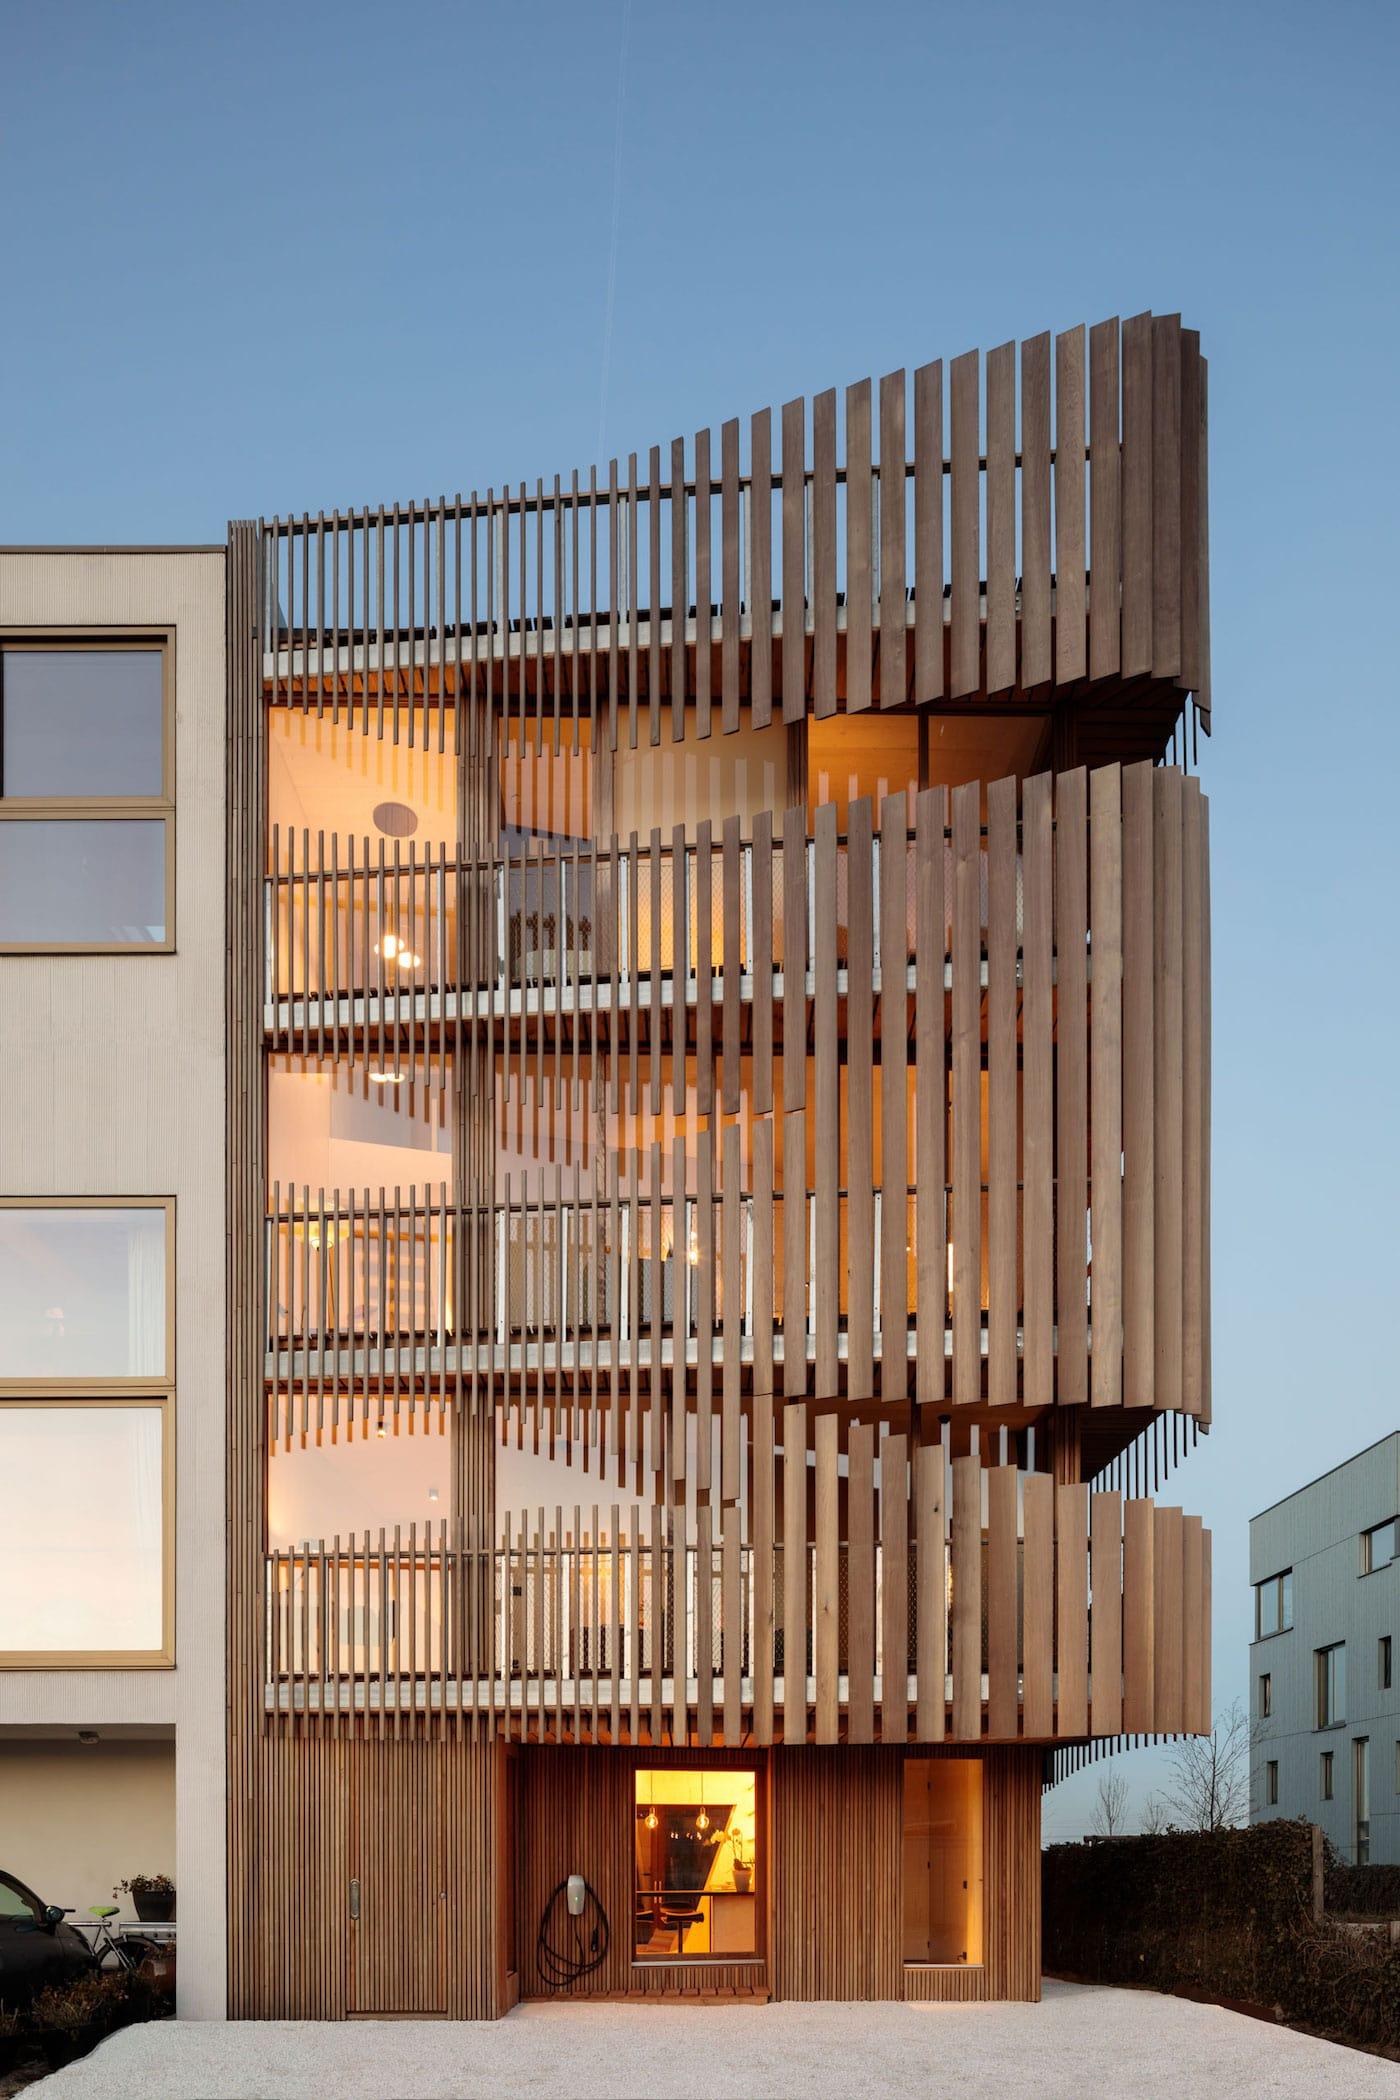 Timber screen building exterior